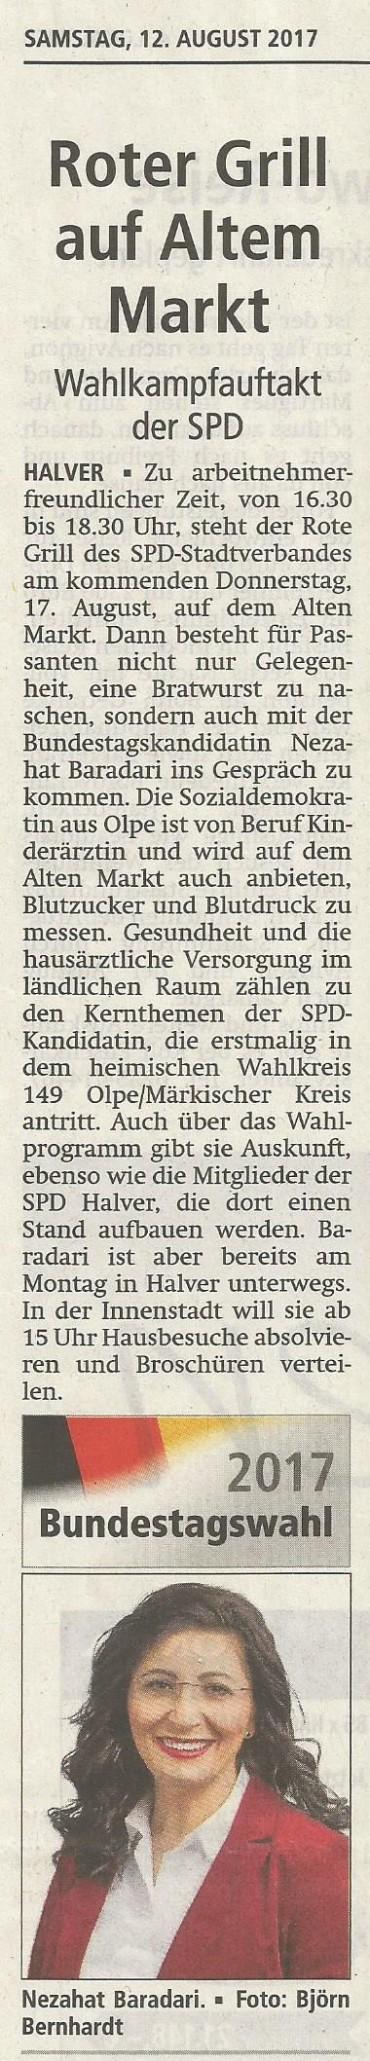 """Gesprächszeit mit Nezahat Baradari am """"alten Markt"""" – SPD Halver startet in den Bundestagswahlkampf"""